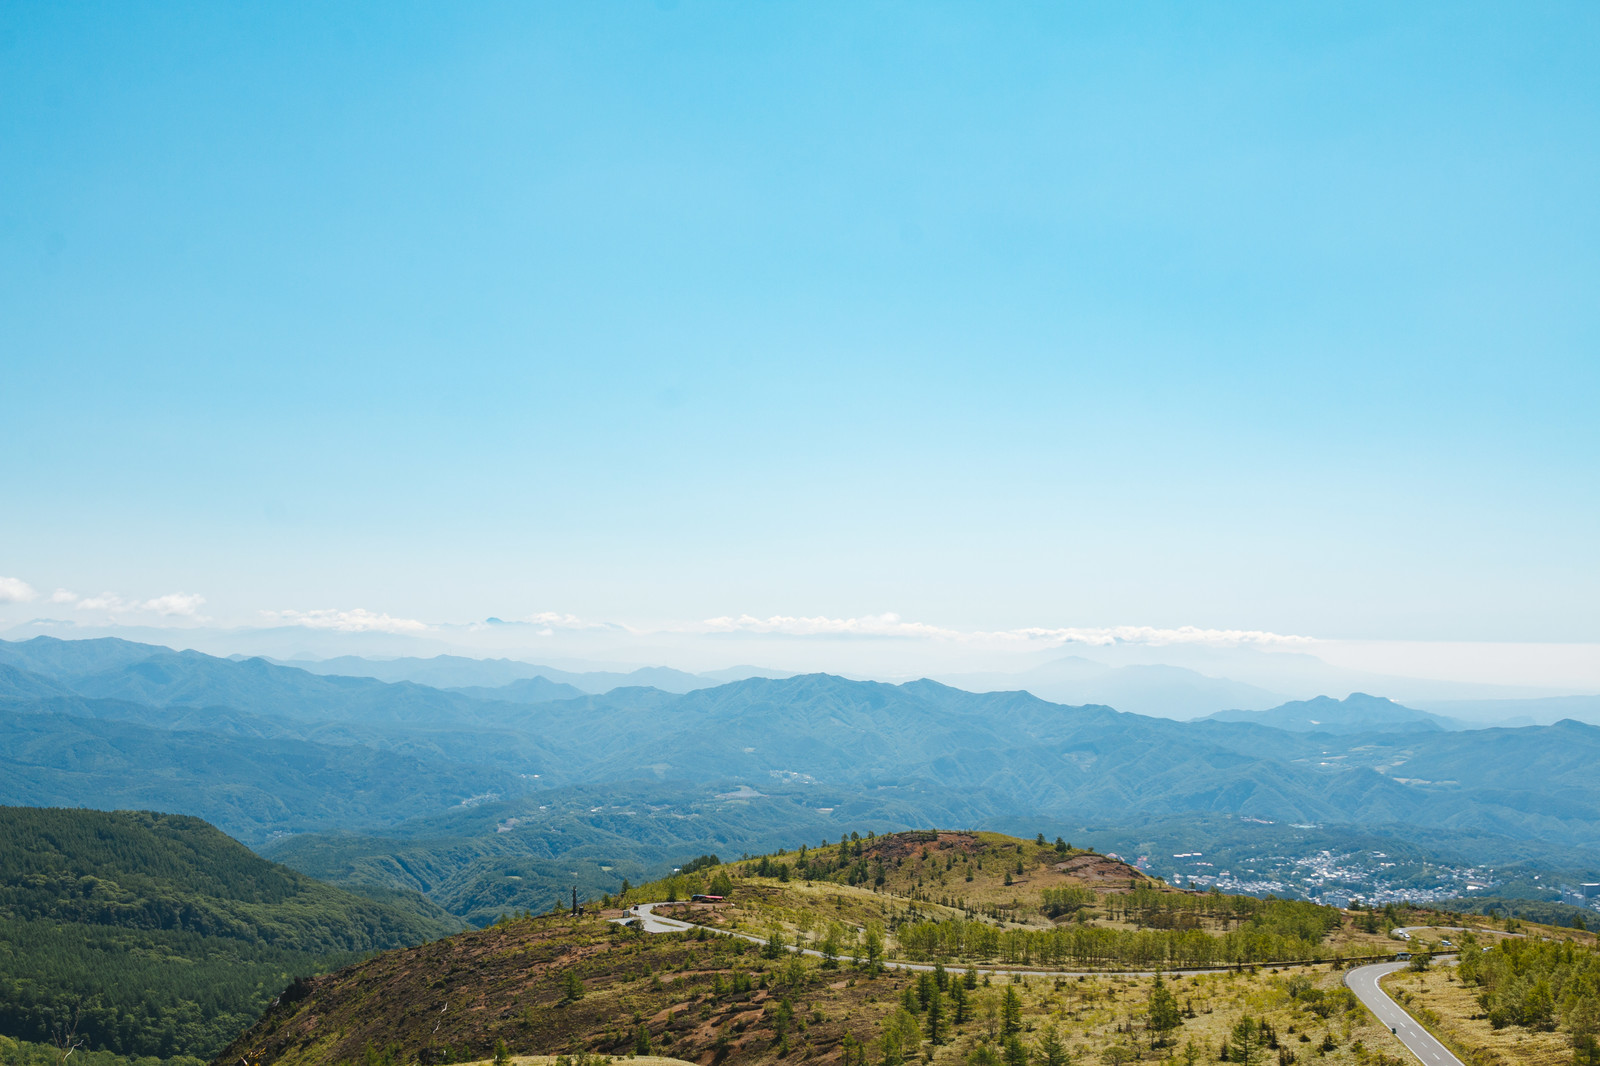 「白根山からの景観白根山からの景観」のフリー写真素材を拡大